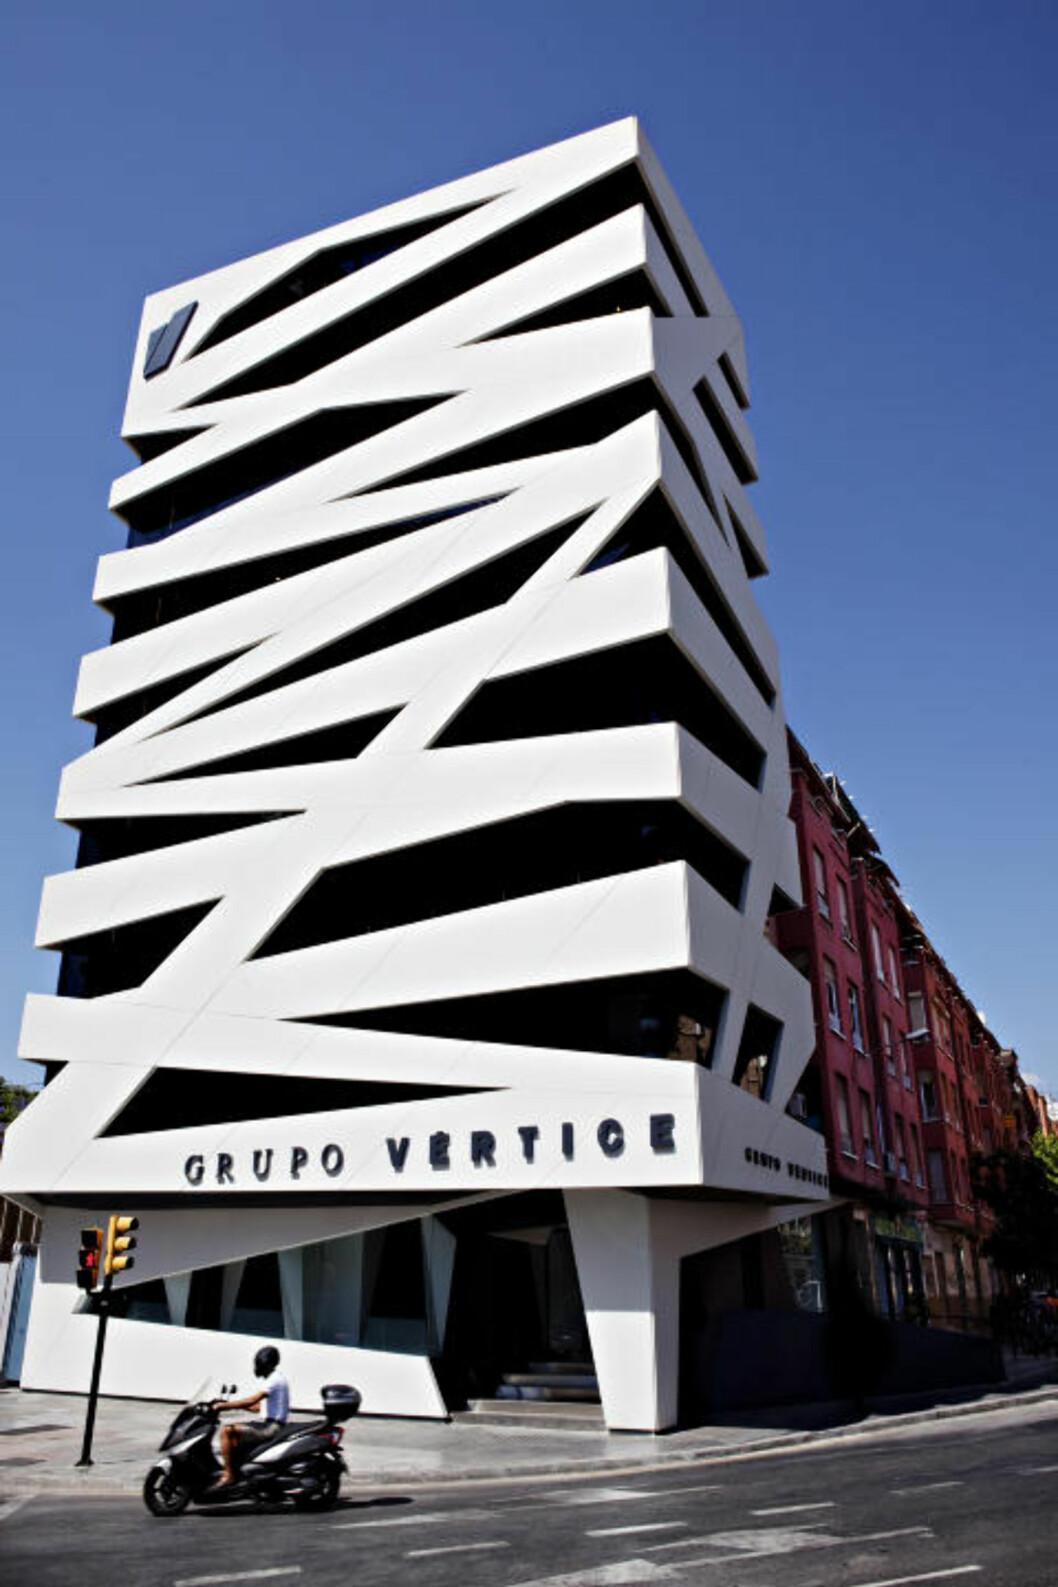 SPREKT: De to Málaga-arkitektene José Antonio Mota og Ignacio Gallego står bak forvandlingen av dette bygget, opprinnelig en lagerbygning fra 1961, «pakket inn» og forvandlet til hovedkontor for Vértice-gruppen. Du finner bygget i Calle Hilera, bak shoppingsenteret El Corte Ingles. Foto: NINA HANSEN